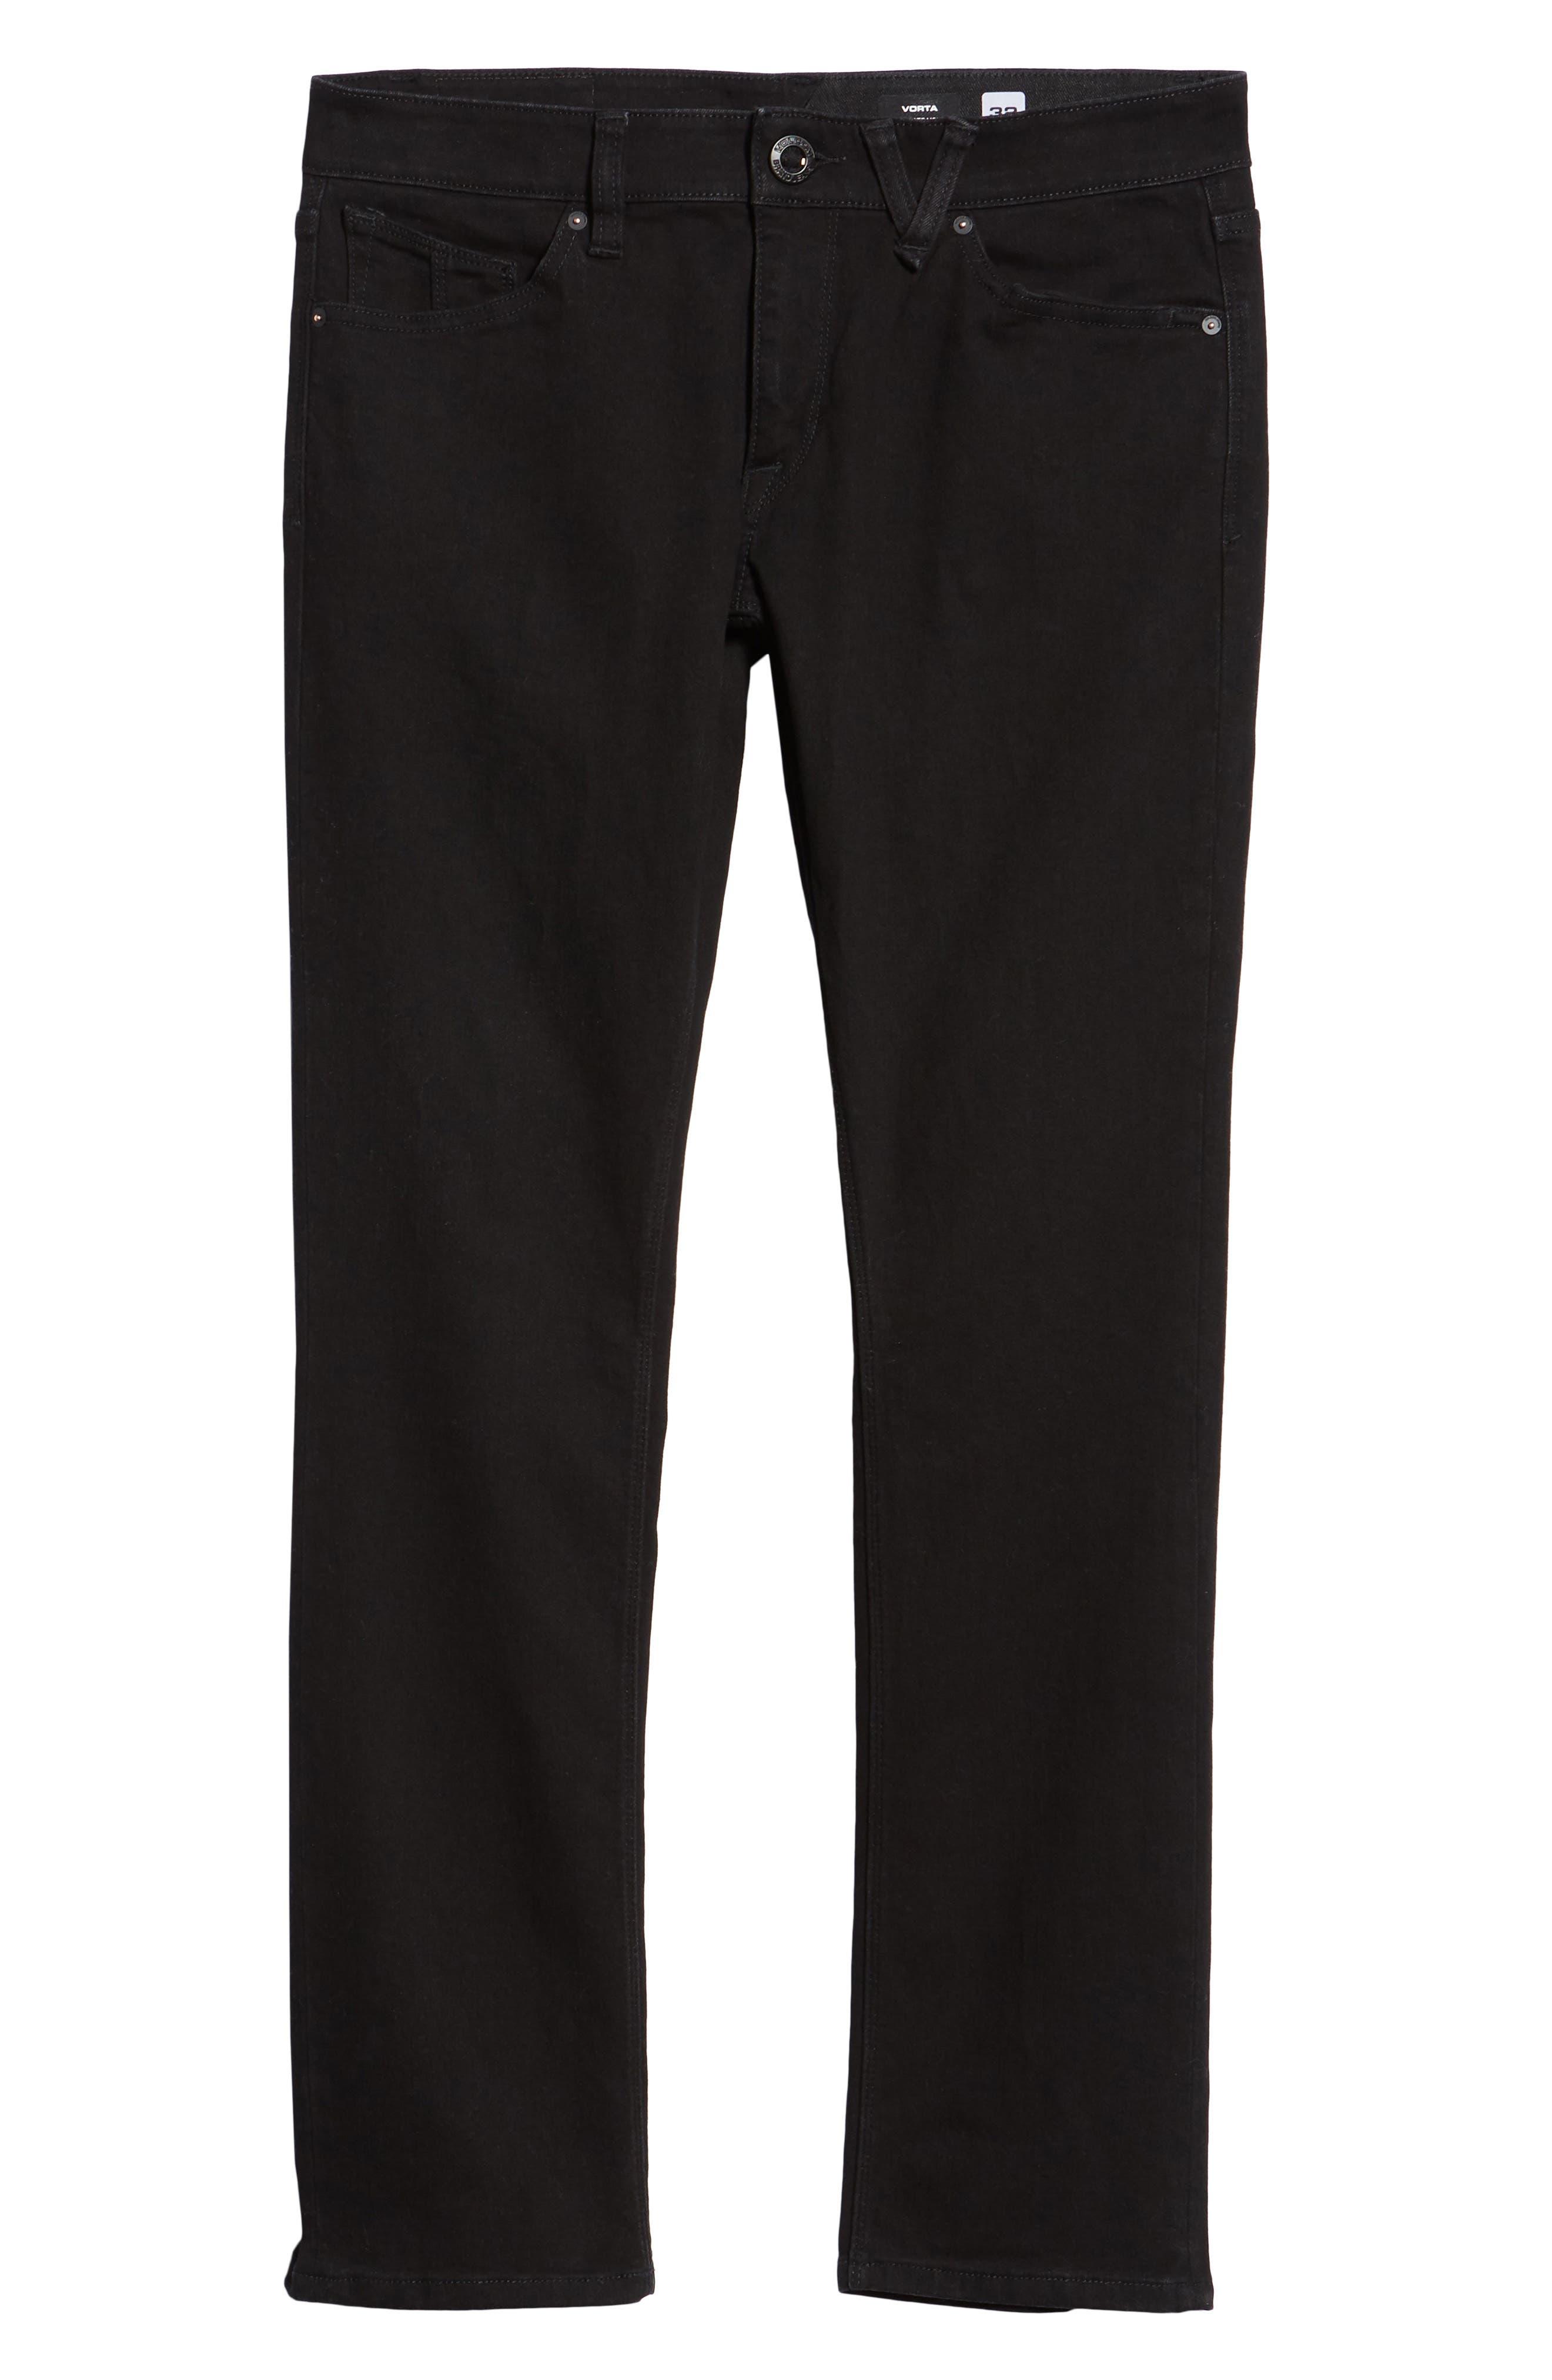 'Vorta' Slim Fit Jeans,                             Alternate thumbnail 6, color,                             BLACK OUT